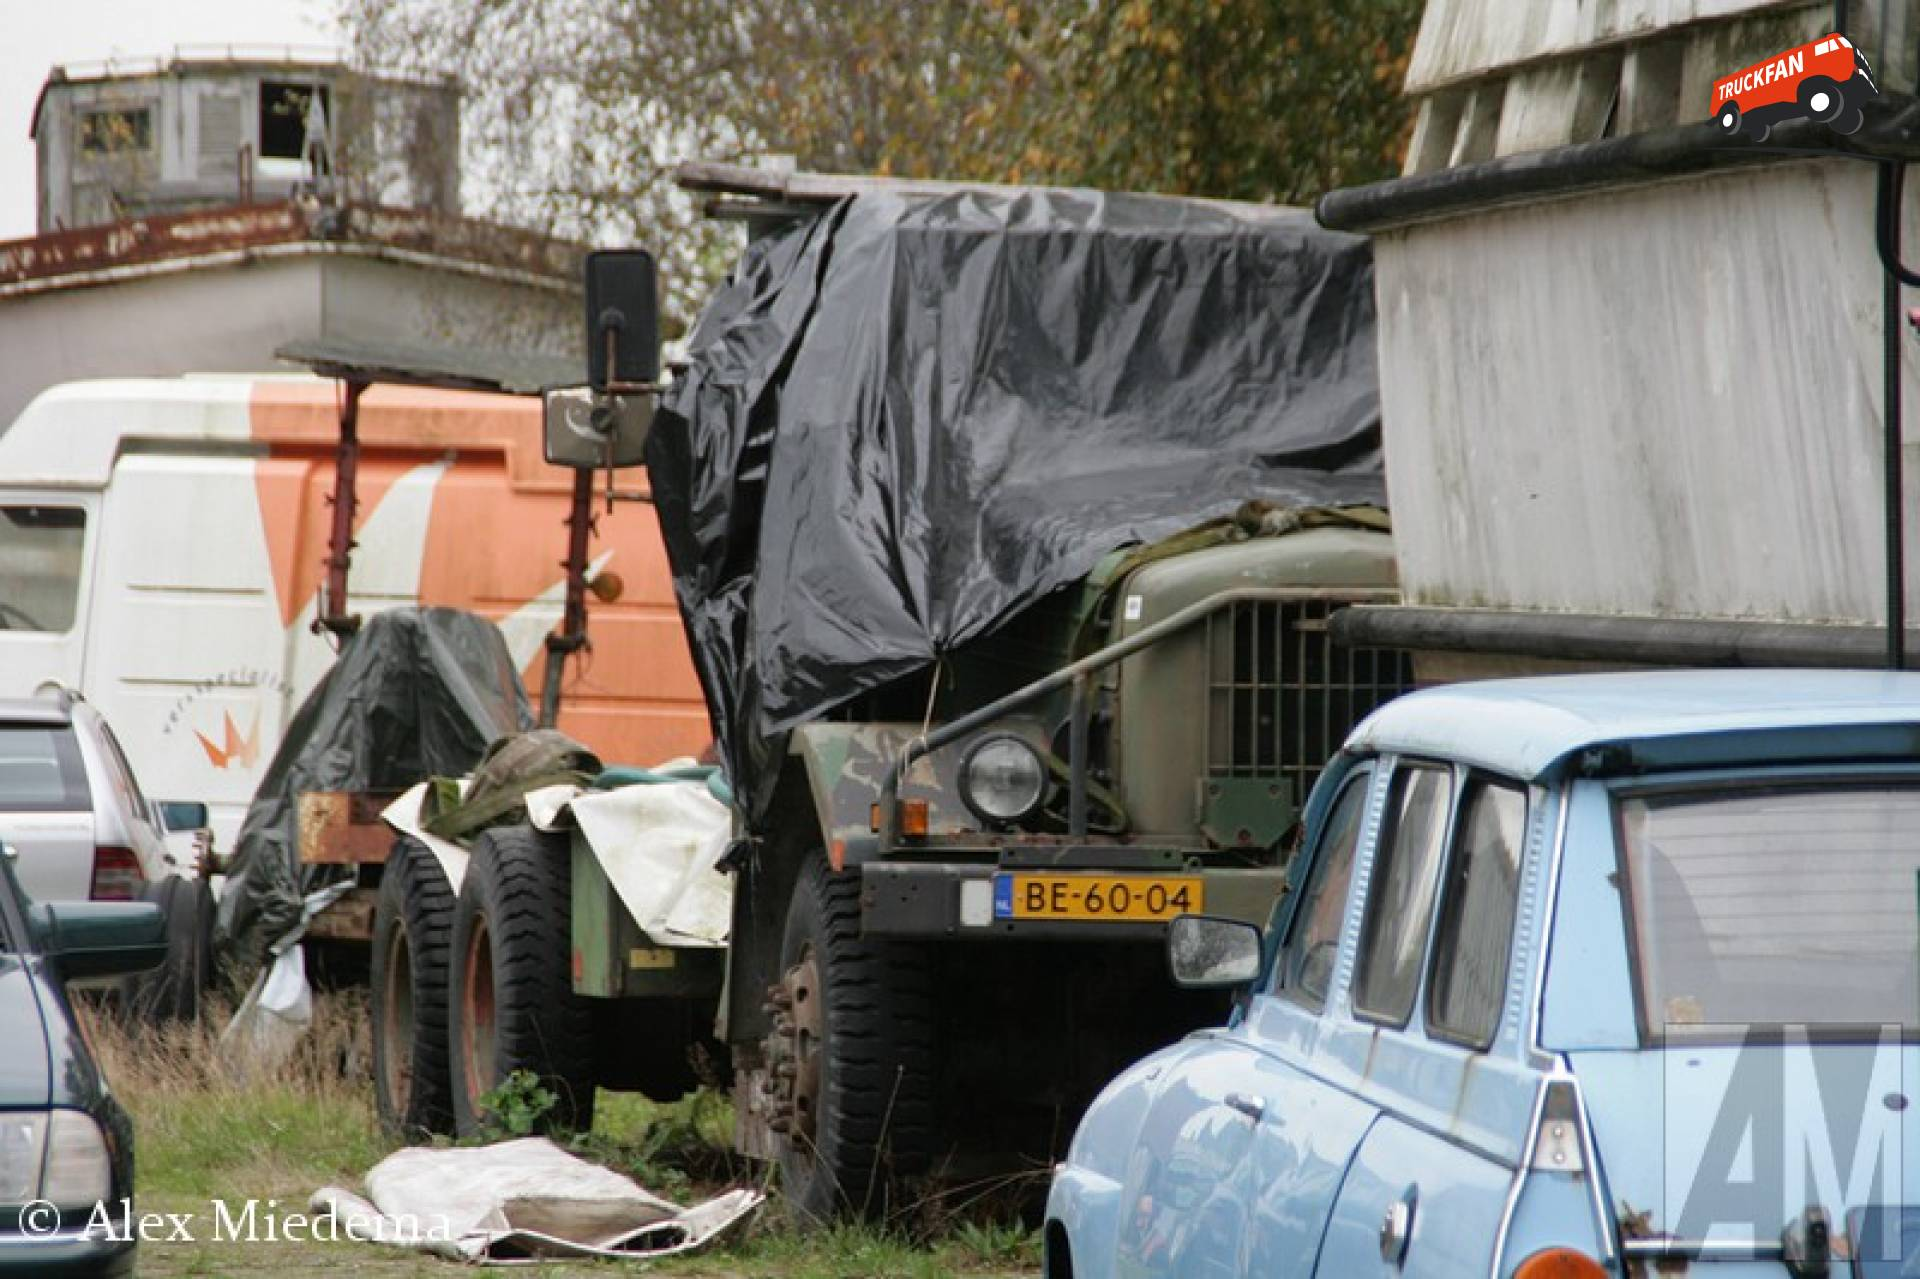 Scania-Vabis LA82